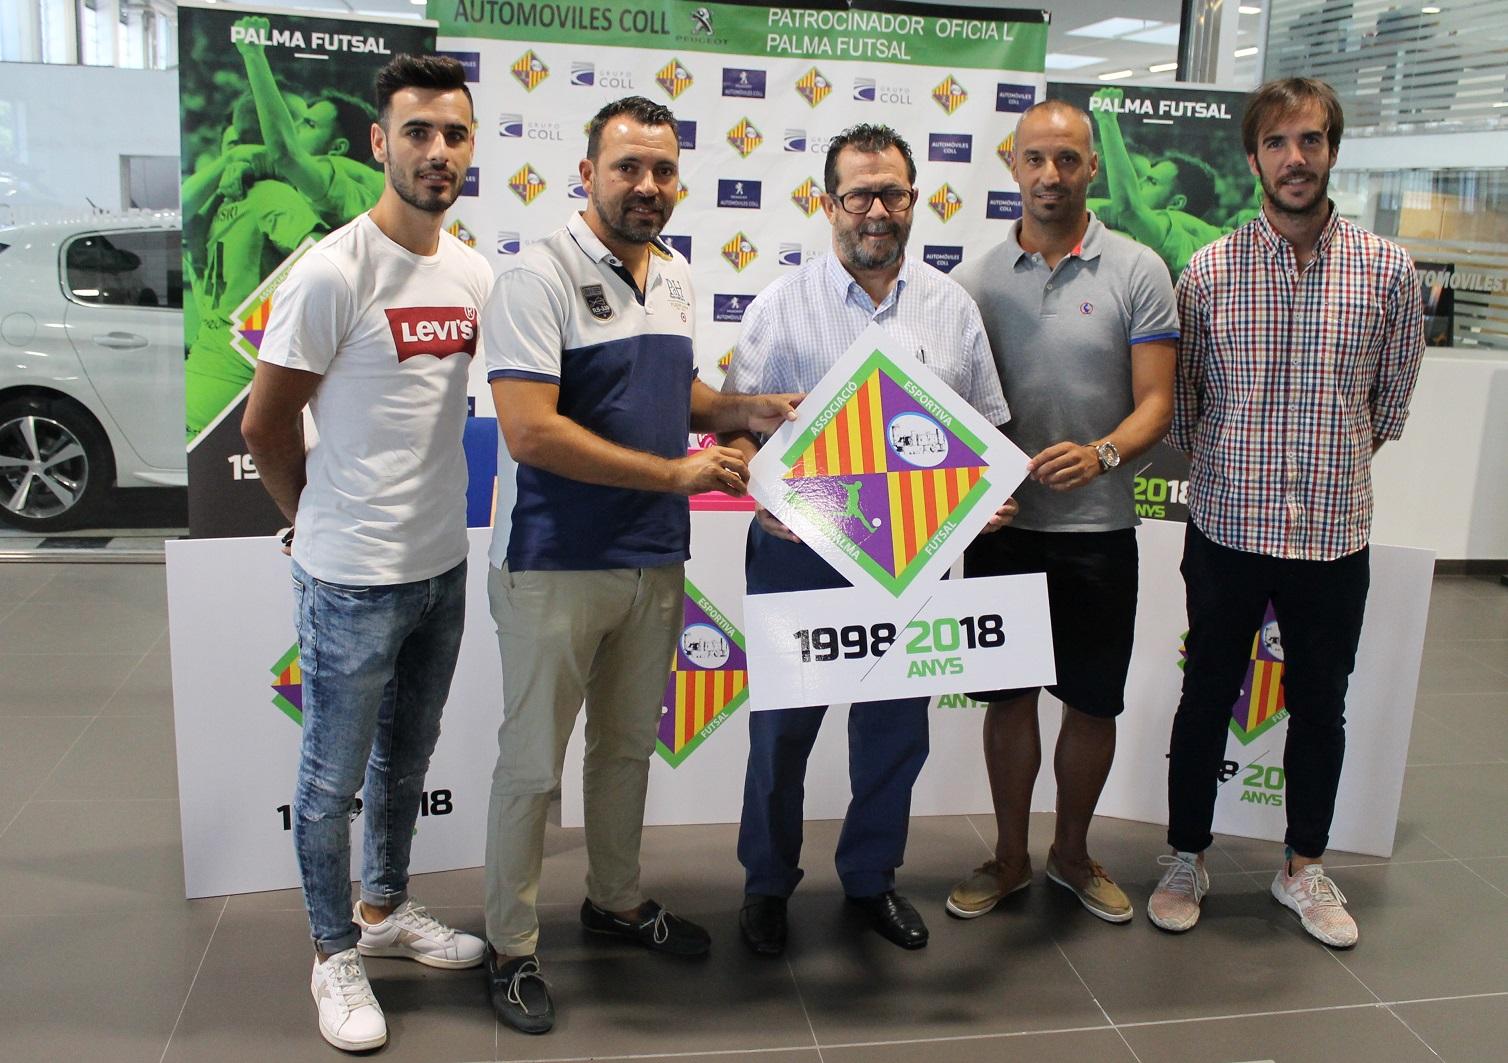 web El Palma Futsal celebra su 20 aniversario (3)